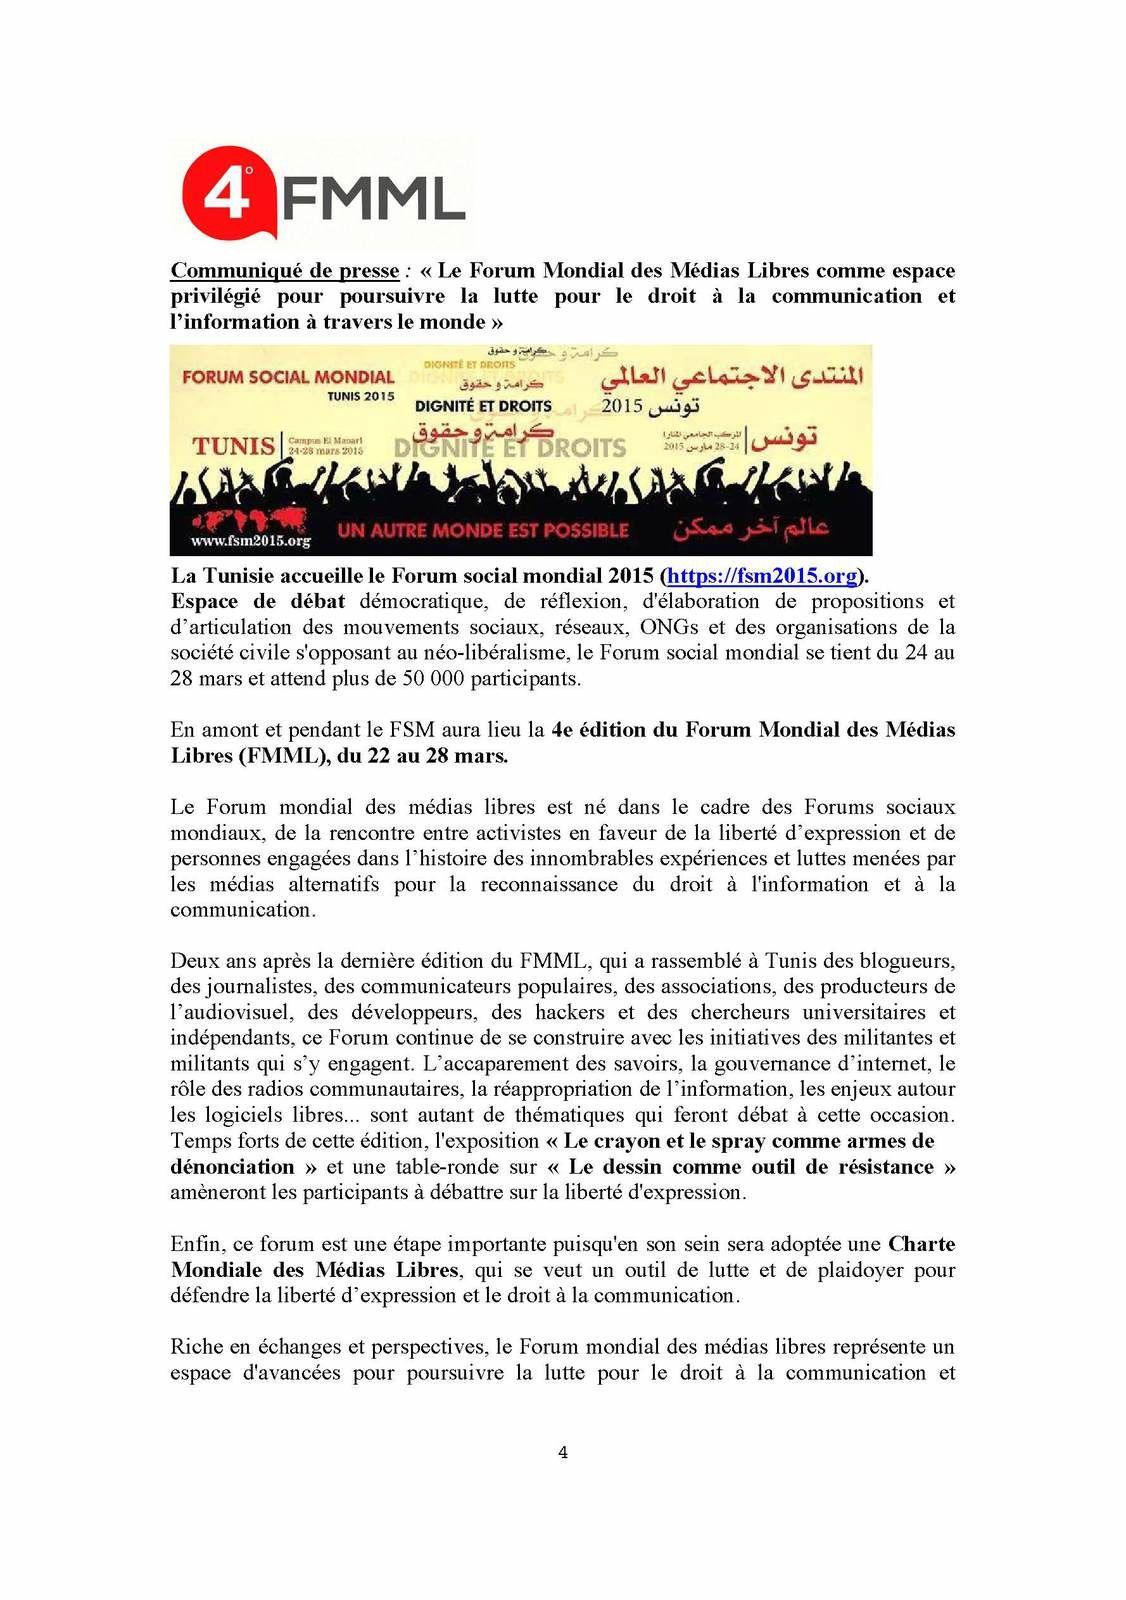 Communiqué de presse: «Le Forum Mondial des Médias Libres comme espace privilégié pour poursuivre la lutte pour le droit à la communication et l'information à travers le monde»